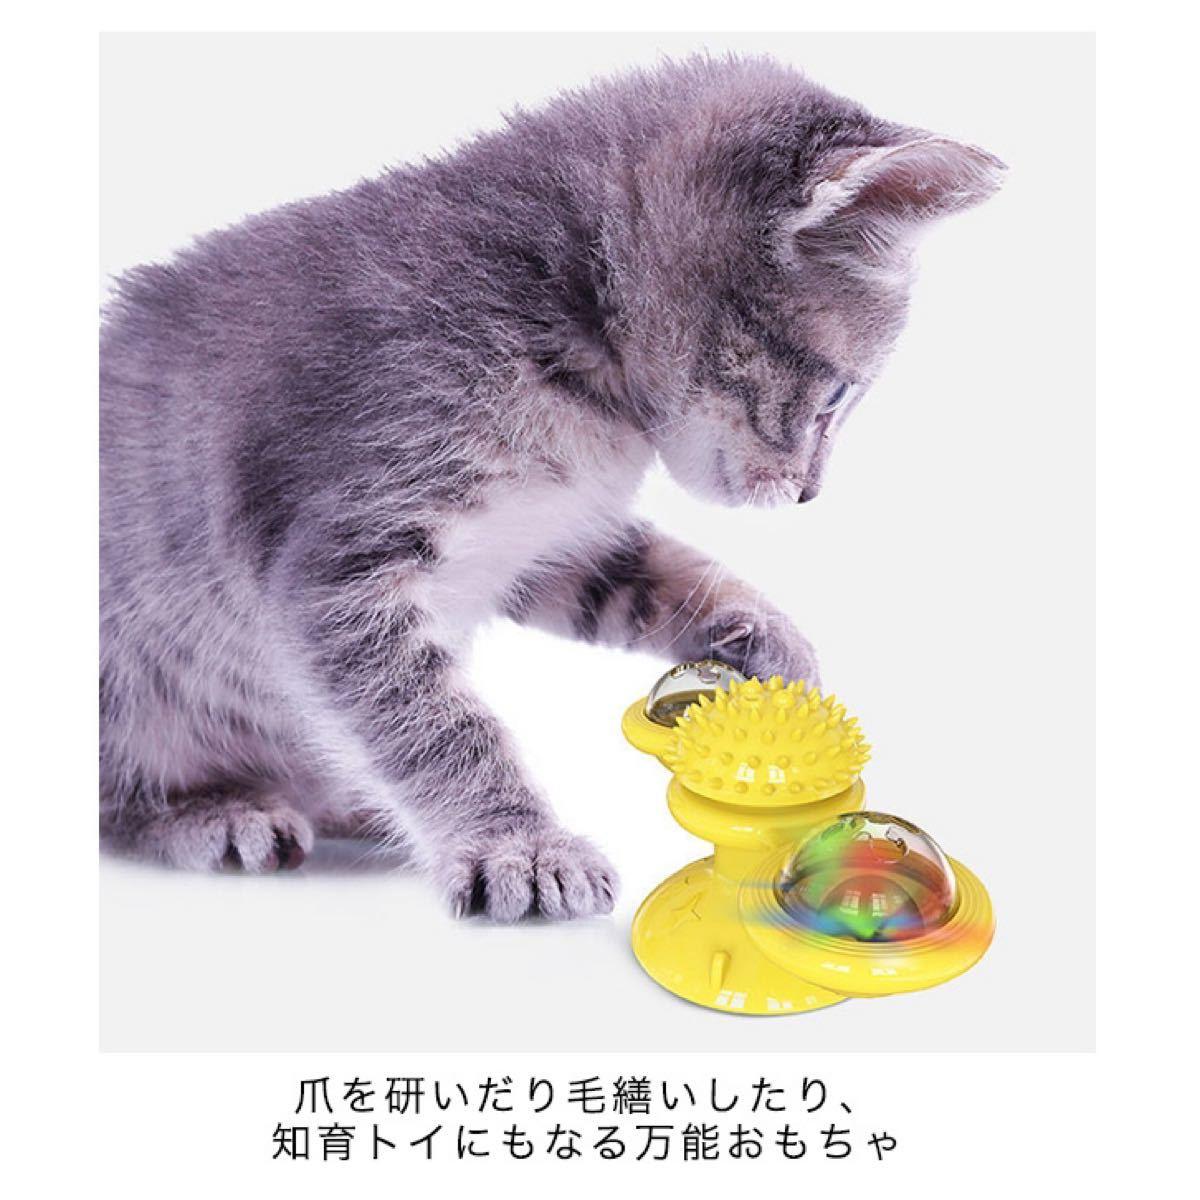 猫おもちゃ ターンテーブル 猫 ペット おもちゃ 歯磨き 噛む 運動不足解消 ストレス解消 玩具 回転 猫用 風車型おもちゃ